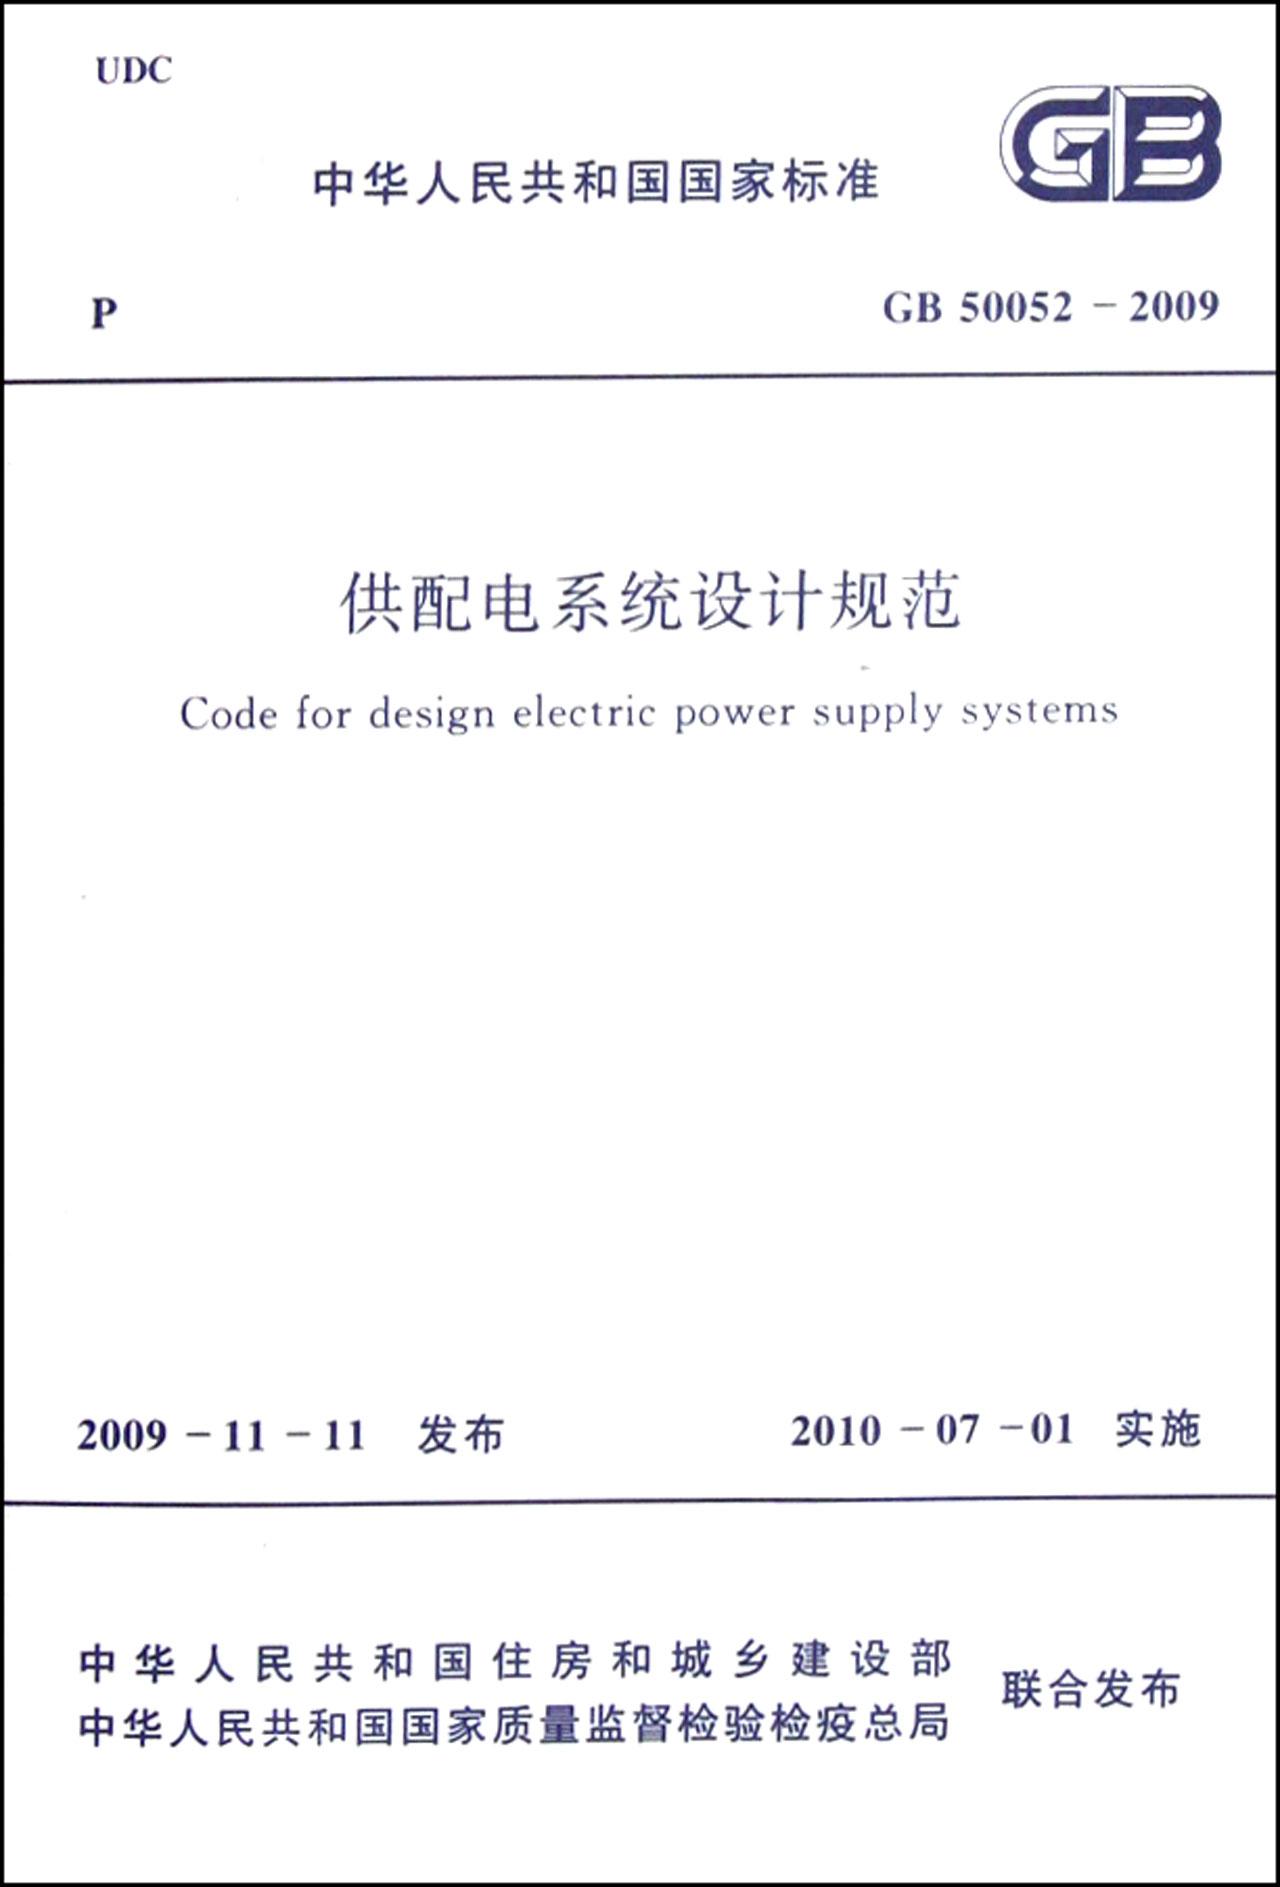 供配电系统设计规范(gb50052-2009)